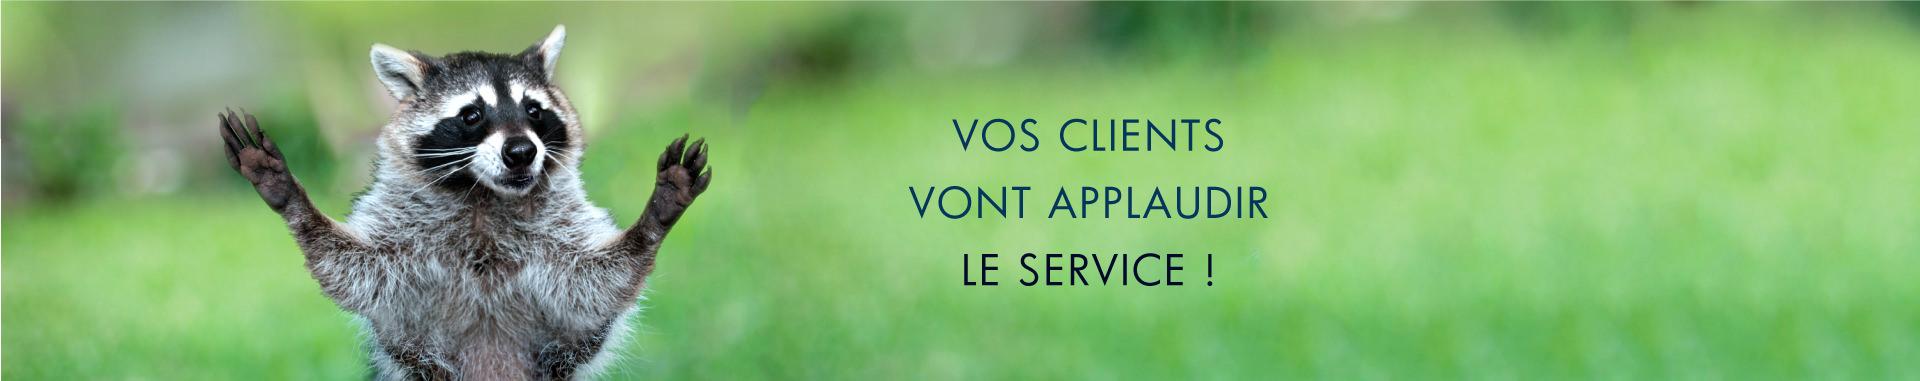 Logiciel de service client - solution Helpdesk